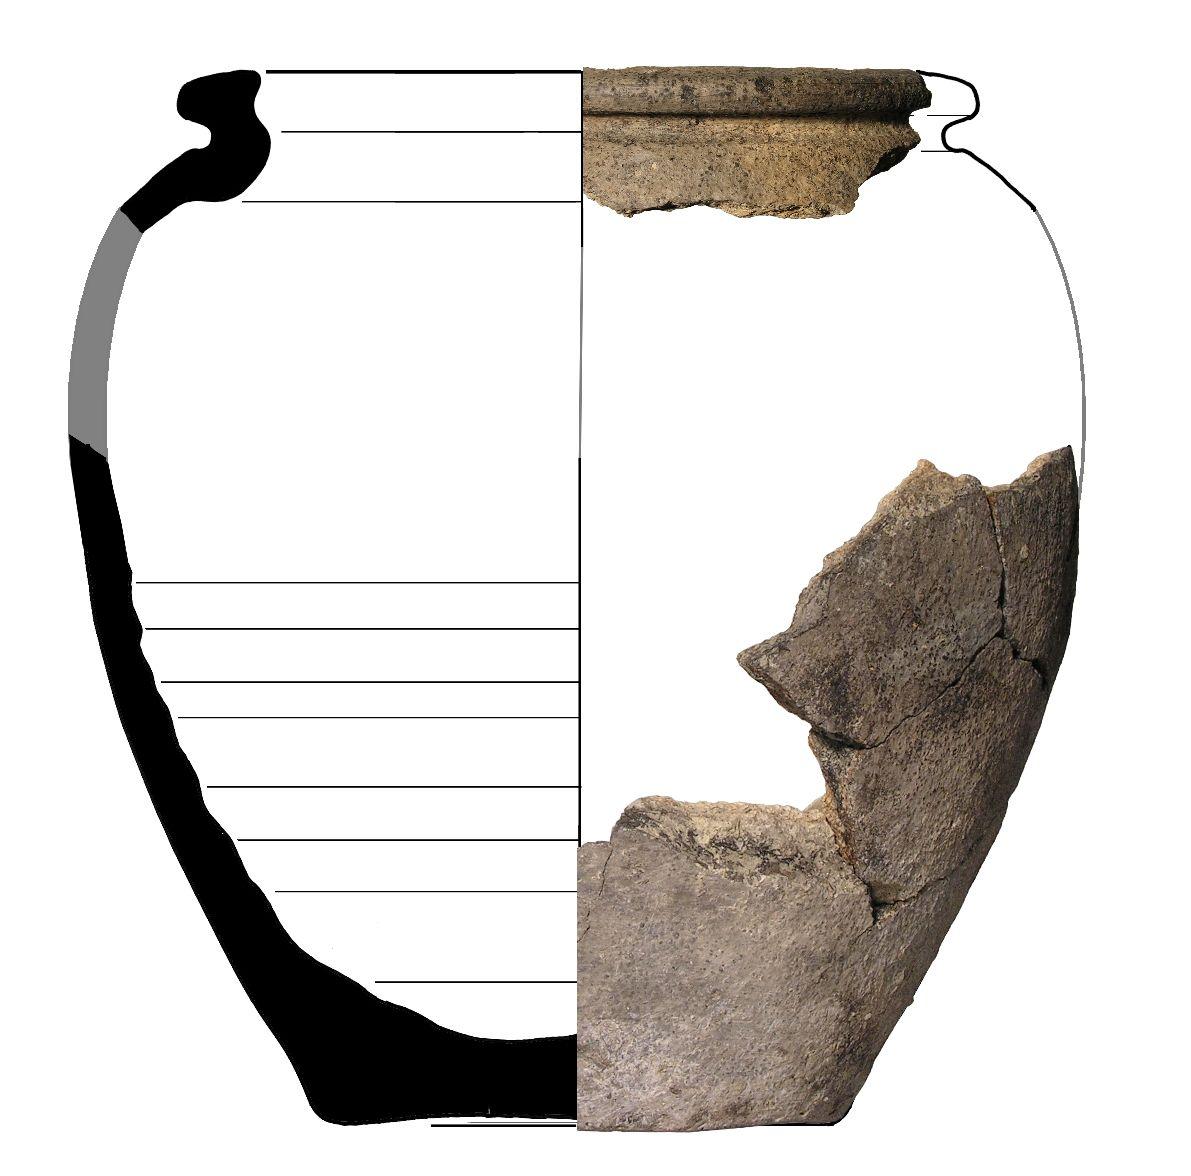 Reconstructie van een tonvormige pot van reducerend gebakken, gedraaid ruwwandig aardewerk. Datering 675-725 na Chr. ((c) ADC Archeoprojecten, Amersfoort).